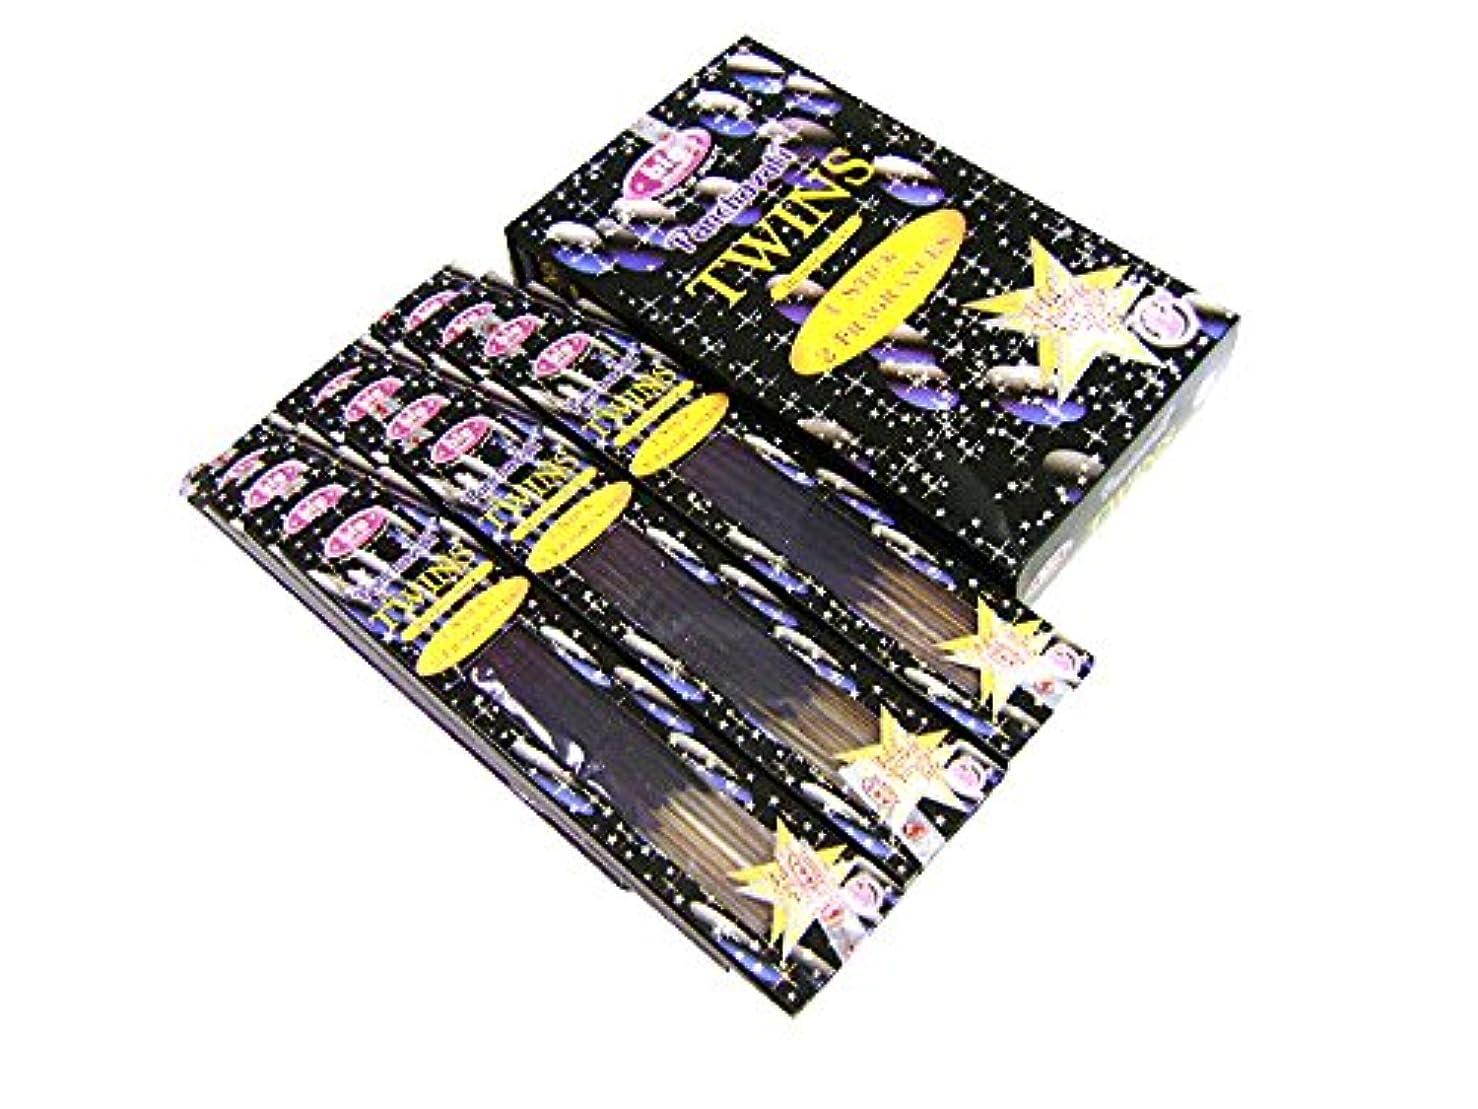 ファセット脱走ギャップBIC(ビック) ツインズ香(レギュラーボックス) スティック TWINS REG BOX 12箱セット